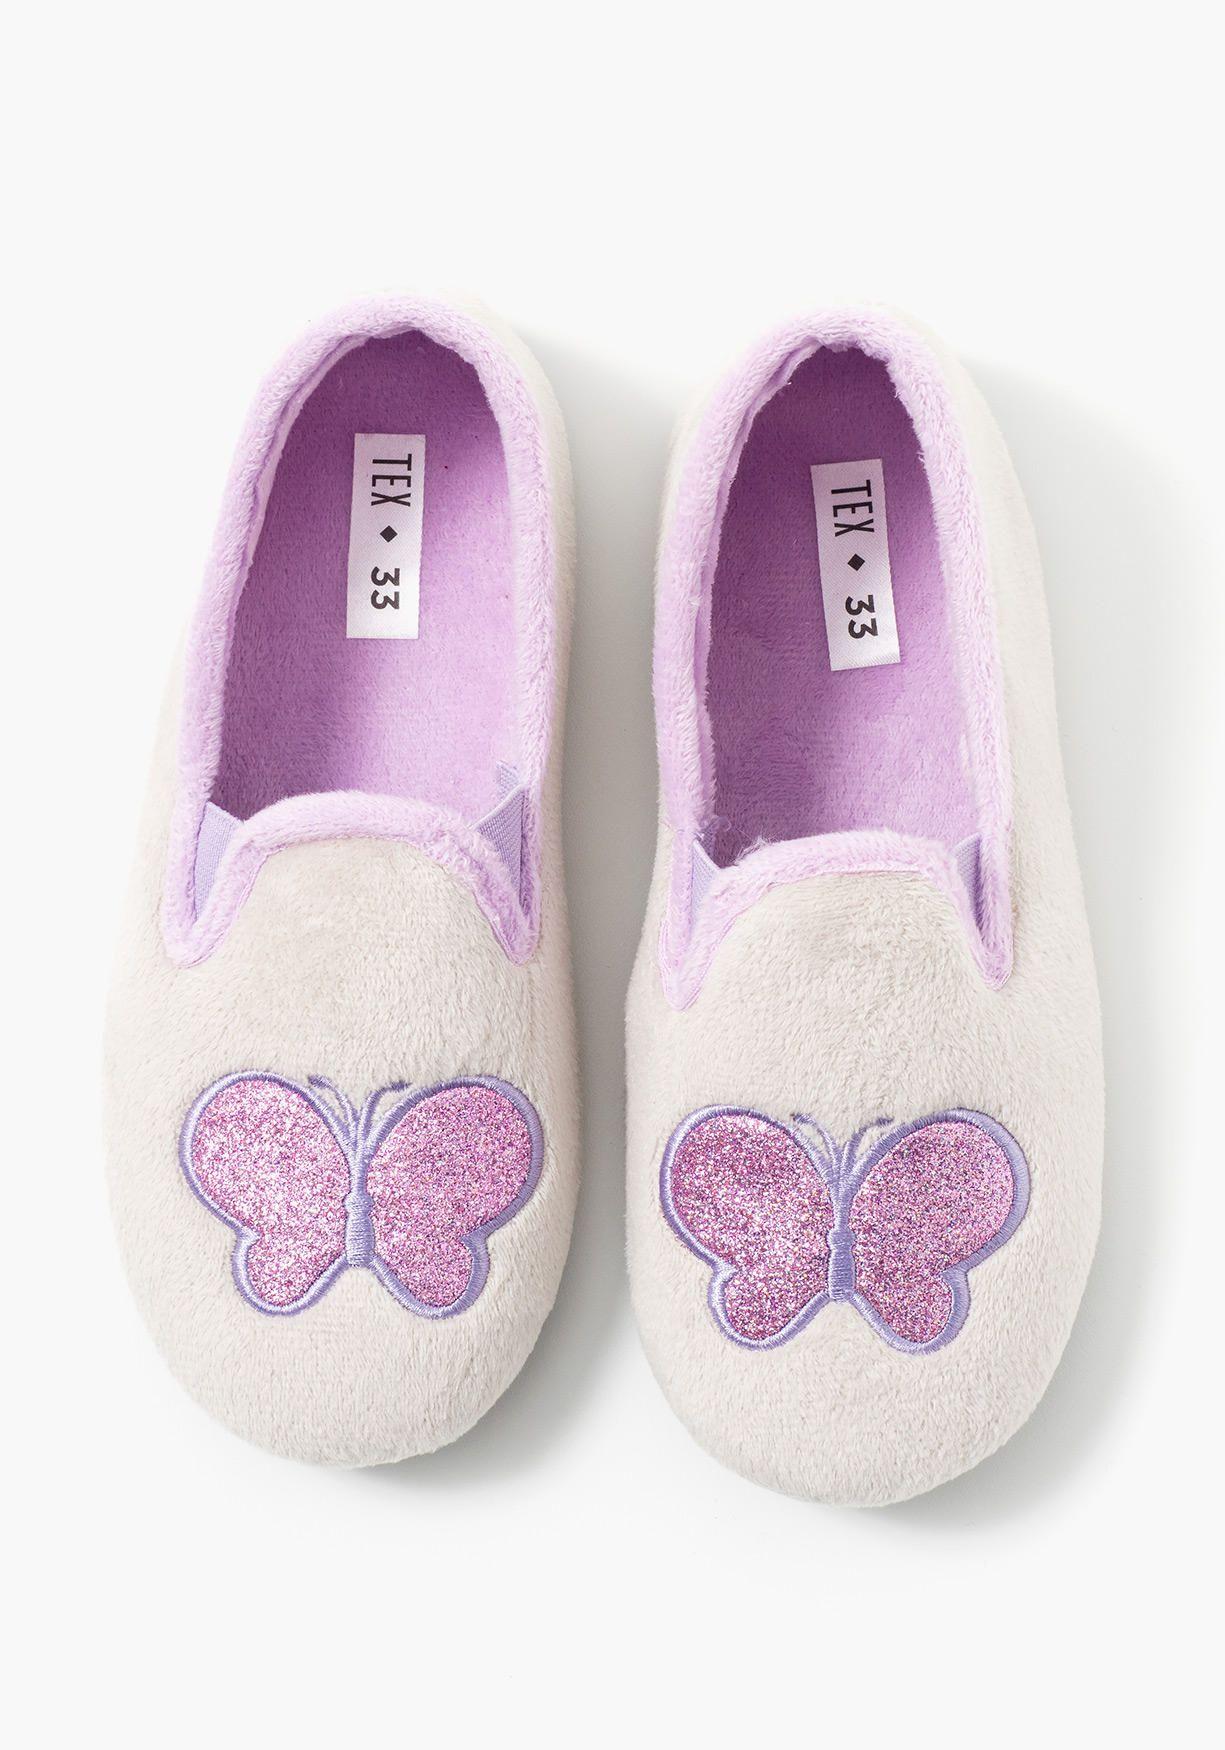 Comprar zapatillas de estar por casa tex tallas 31 a 39 aprov chate de nuestros precios y - Zapatillas casa nino carrefour ...